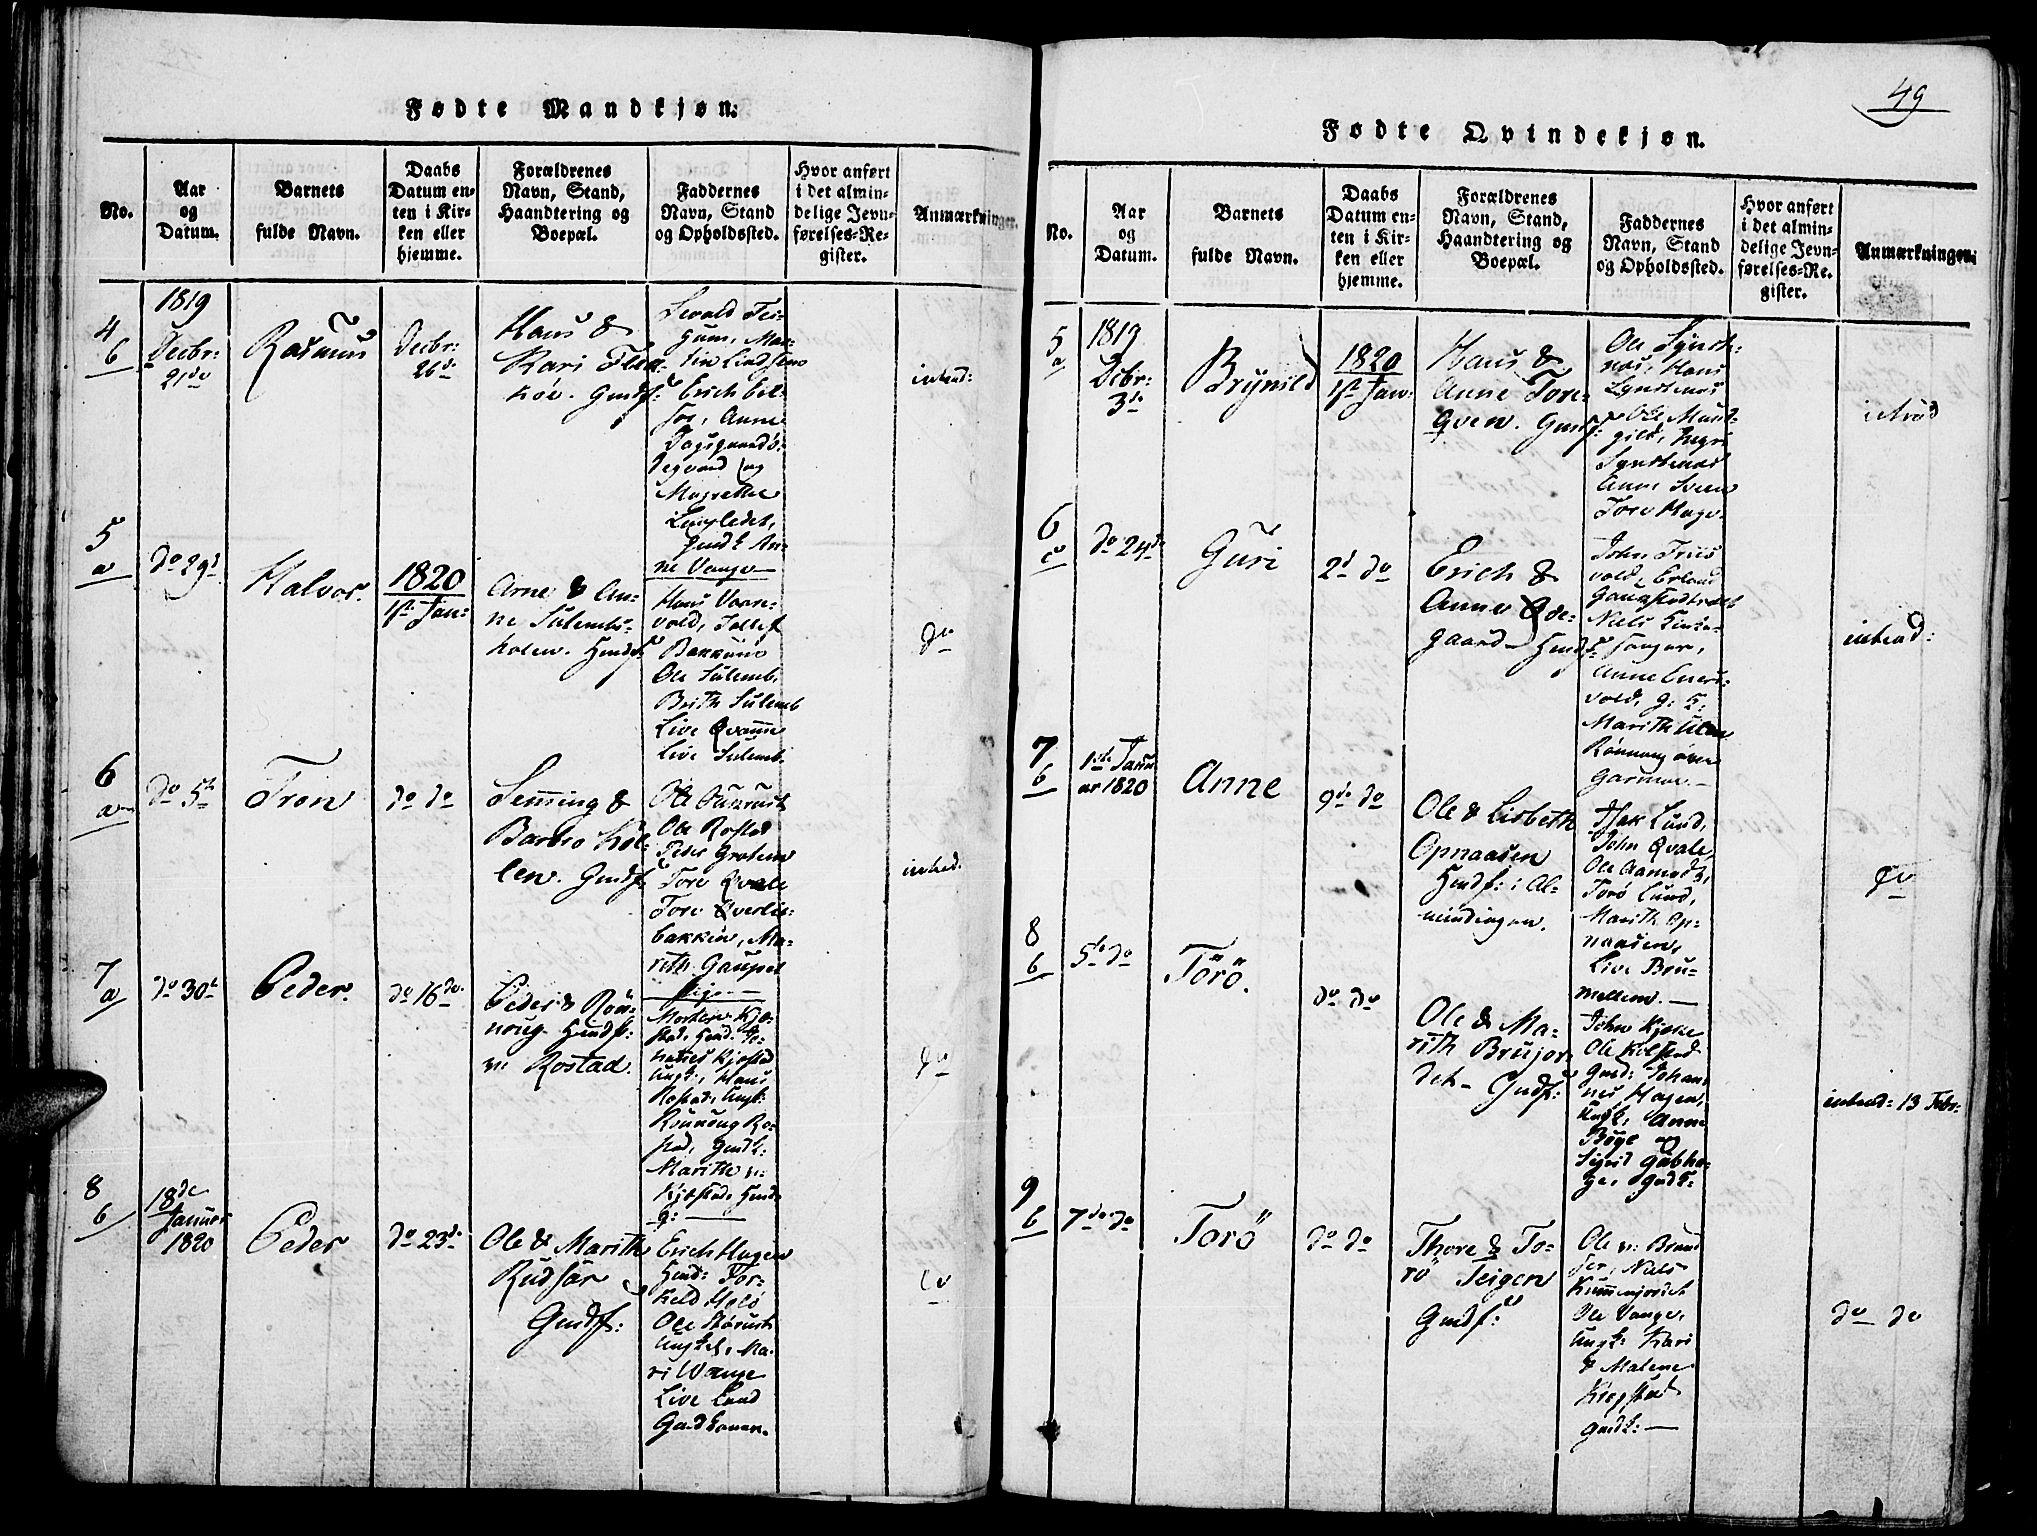 SAH, Lom prestekontor, K/L0004: Ministerialbok nr. 4, 1815-1825, s. 49